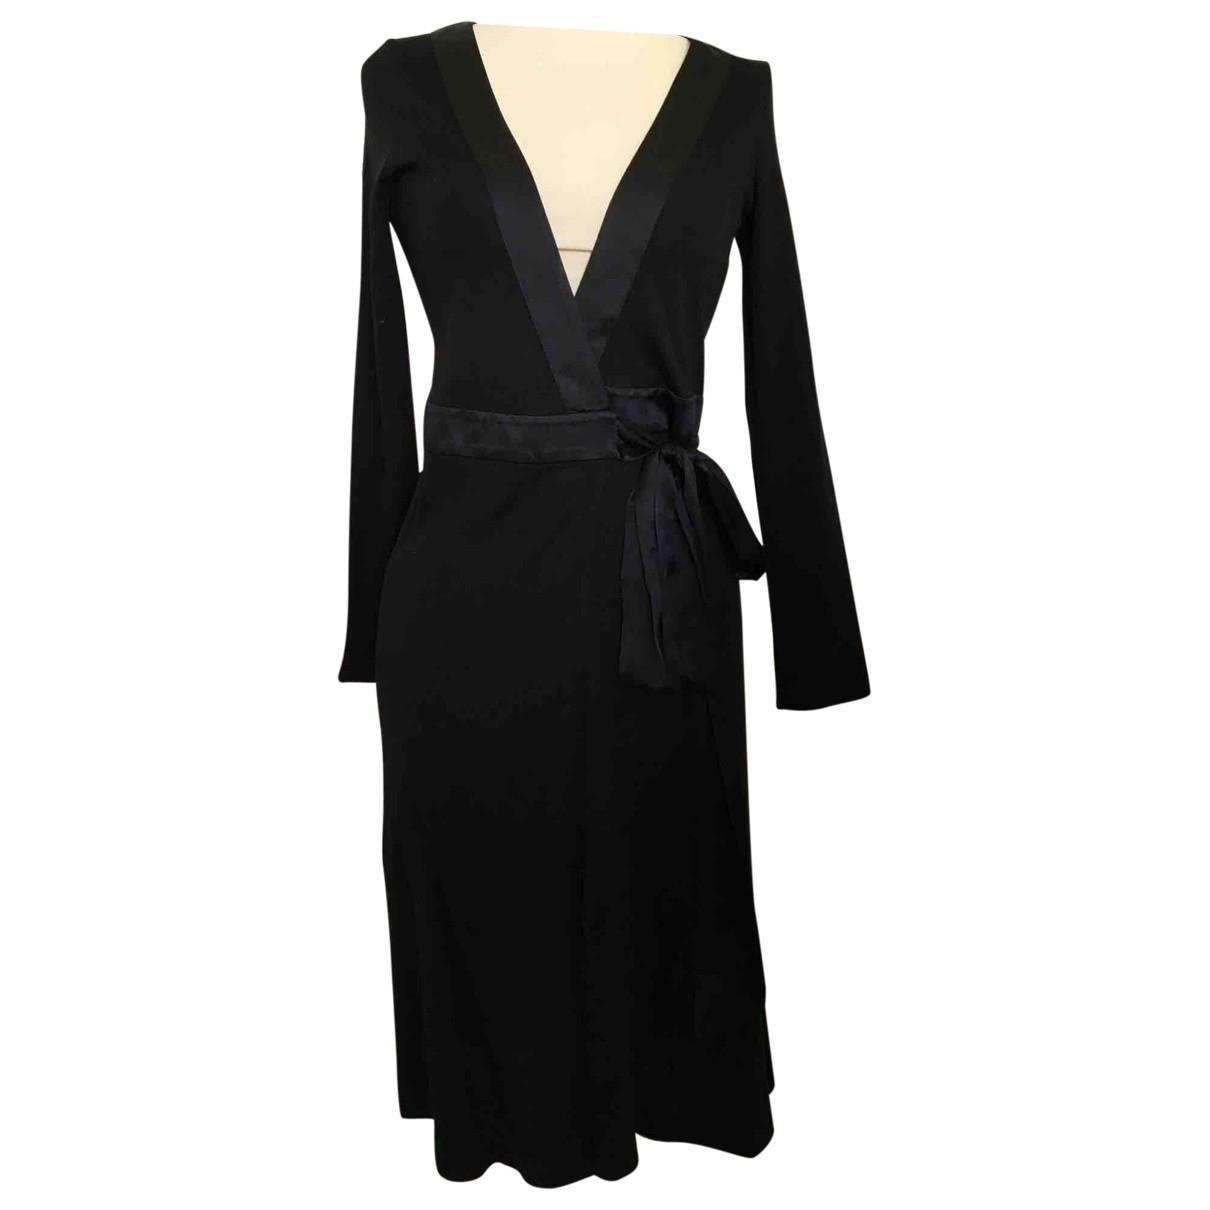 Diane Von Furstenberg \N Black Wool dress for Women 4 US